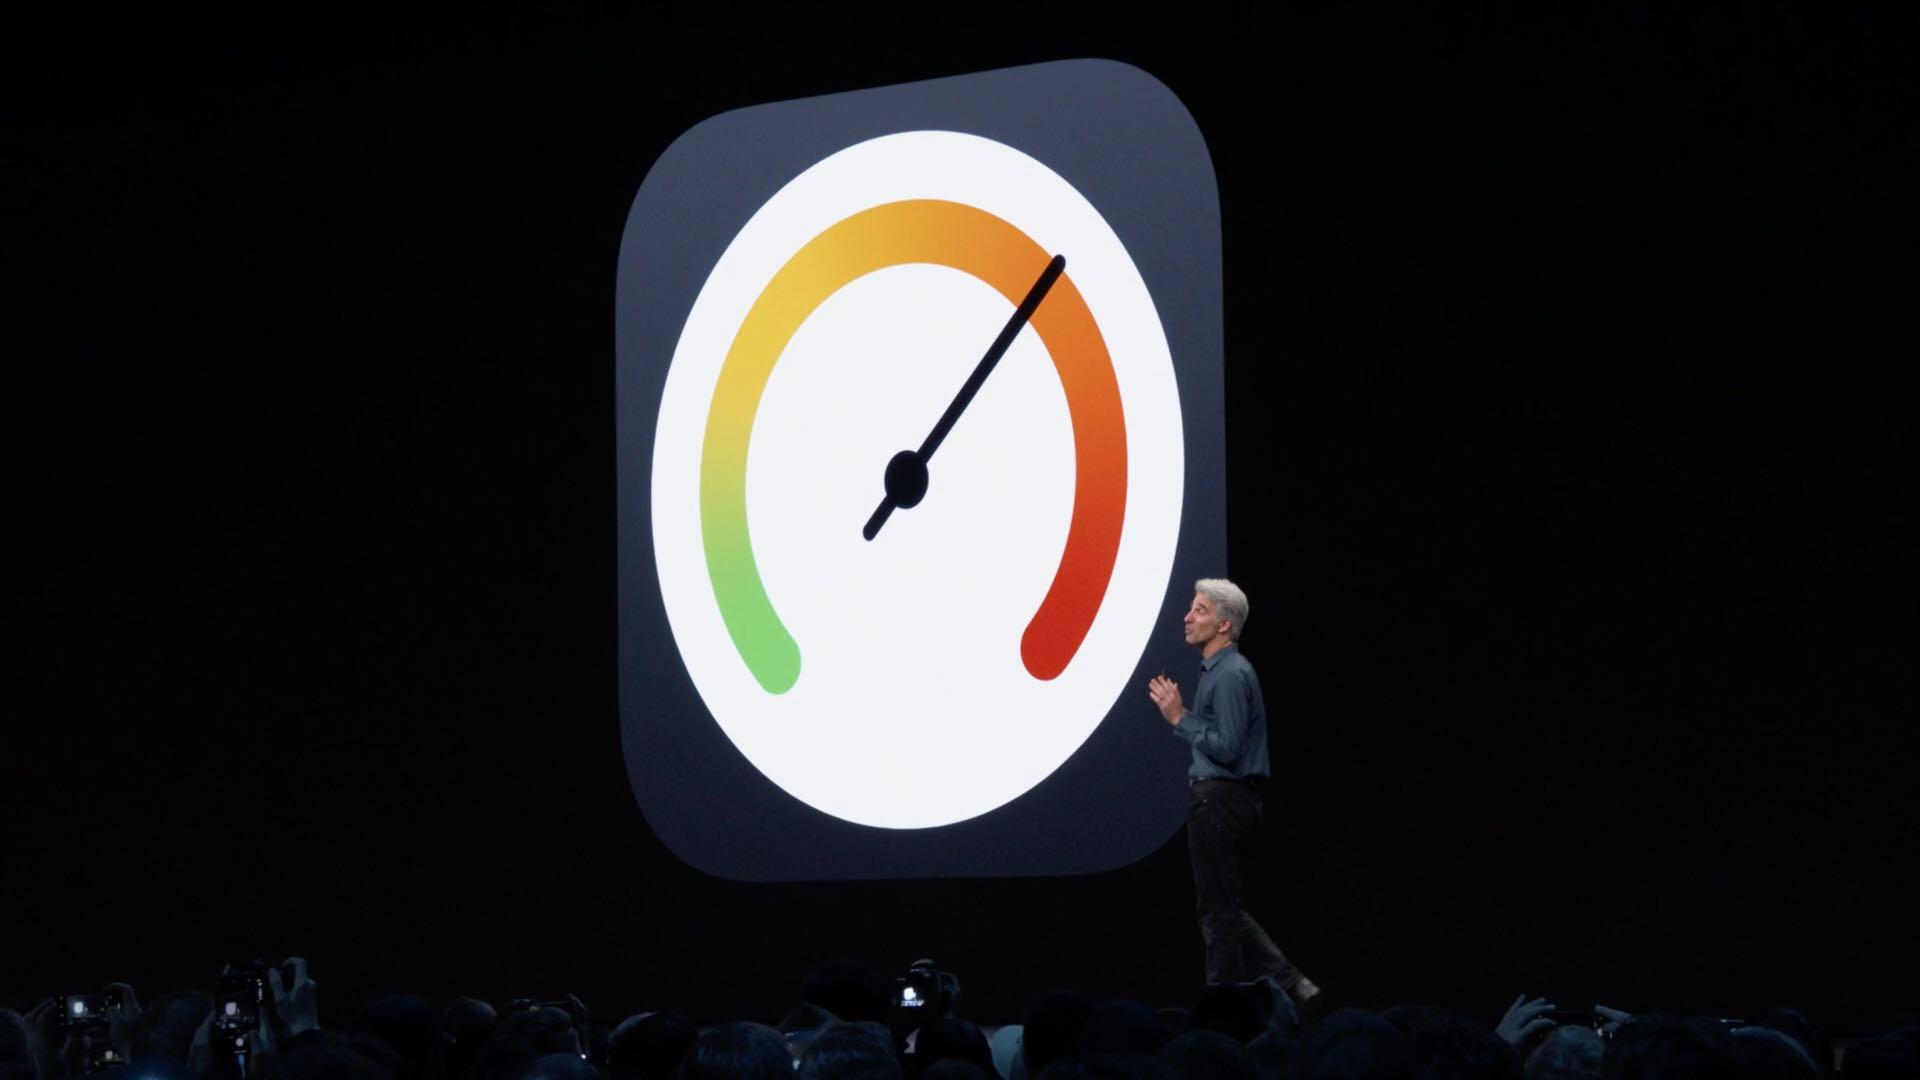 Avec iOS 13, les performances et la rapidité sont à l'honneur : voici comment Apple accélère iPhone et iPad 1